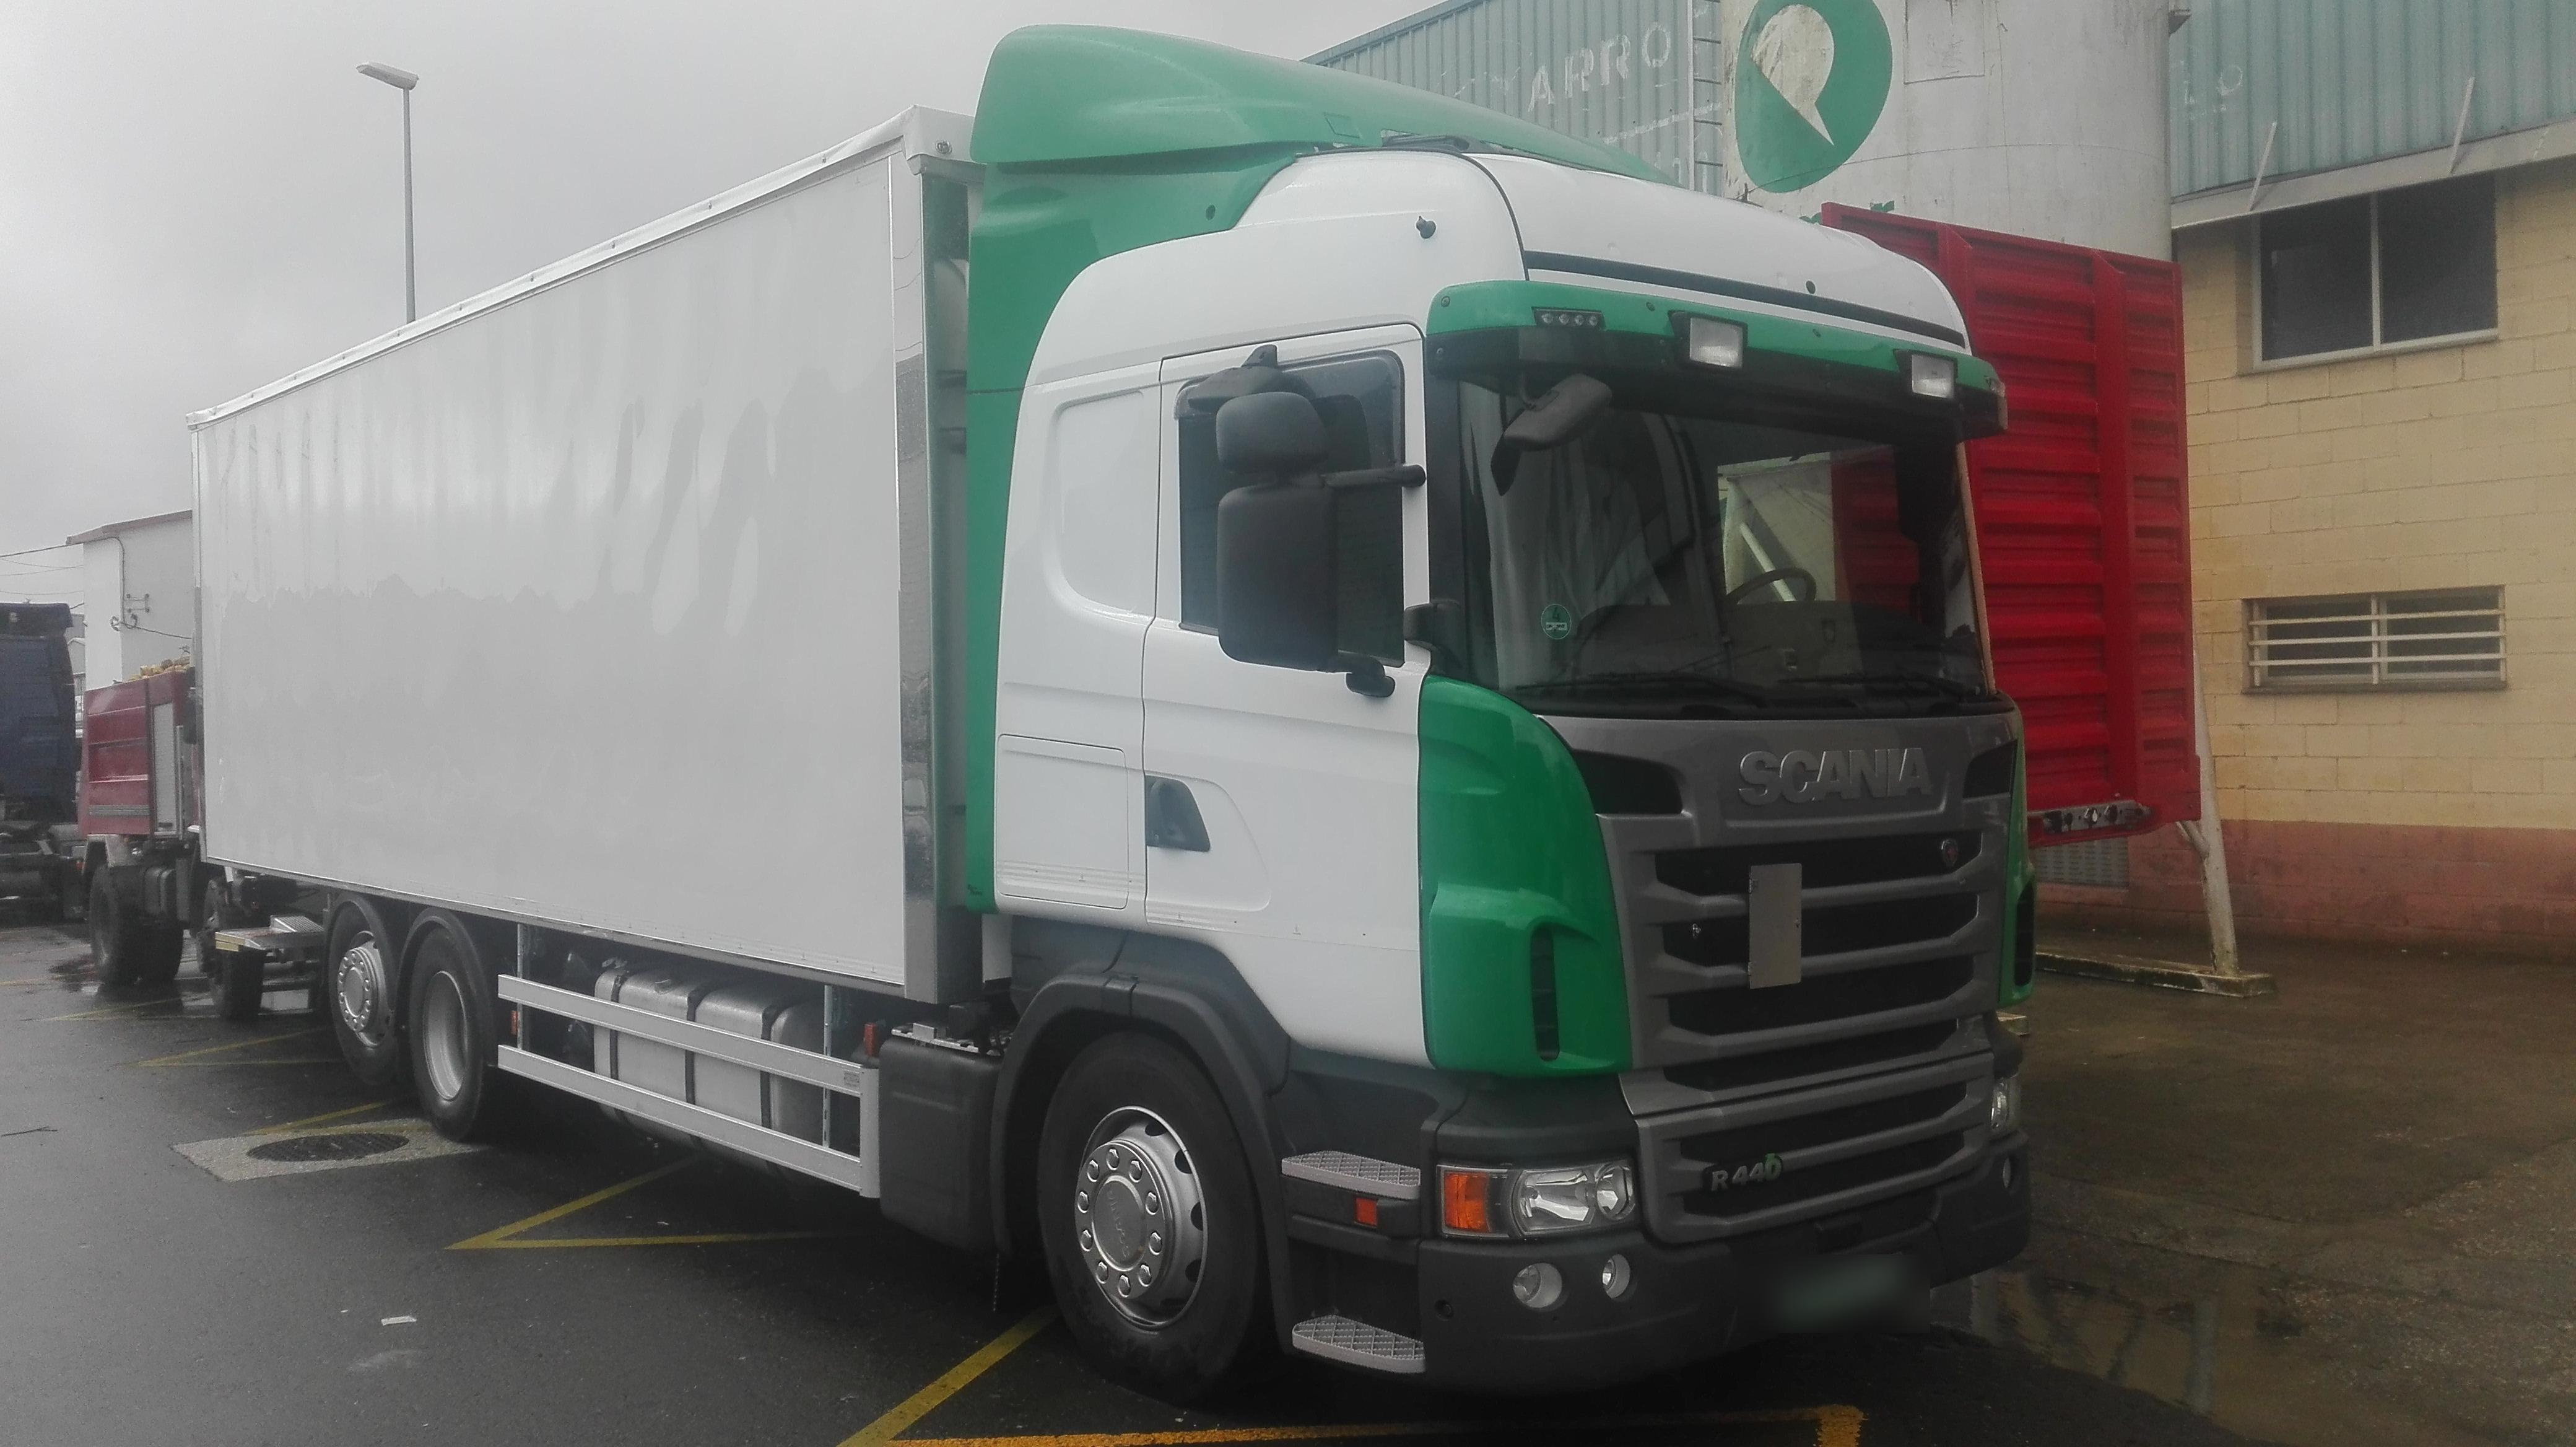 La última, una carrocería paquetera para Transportes El Jaime.